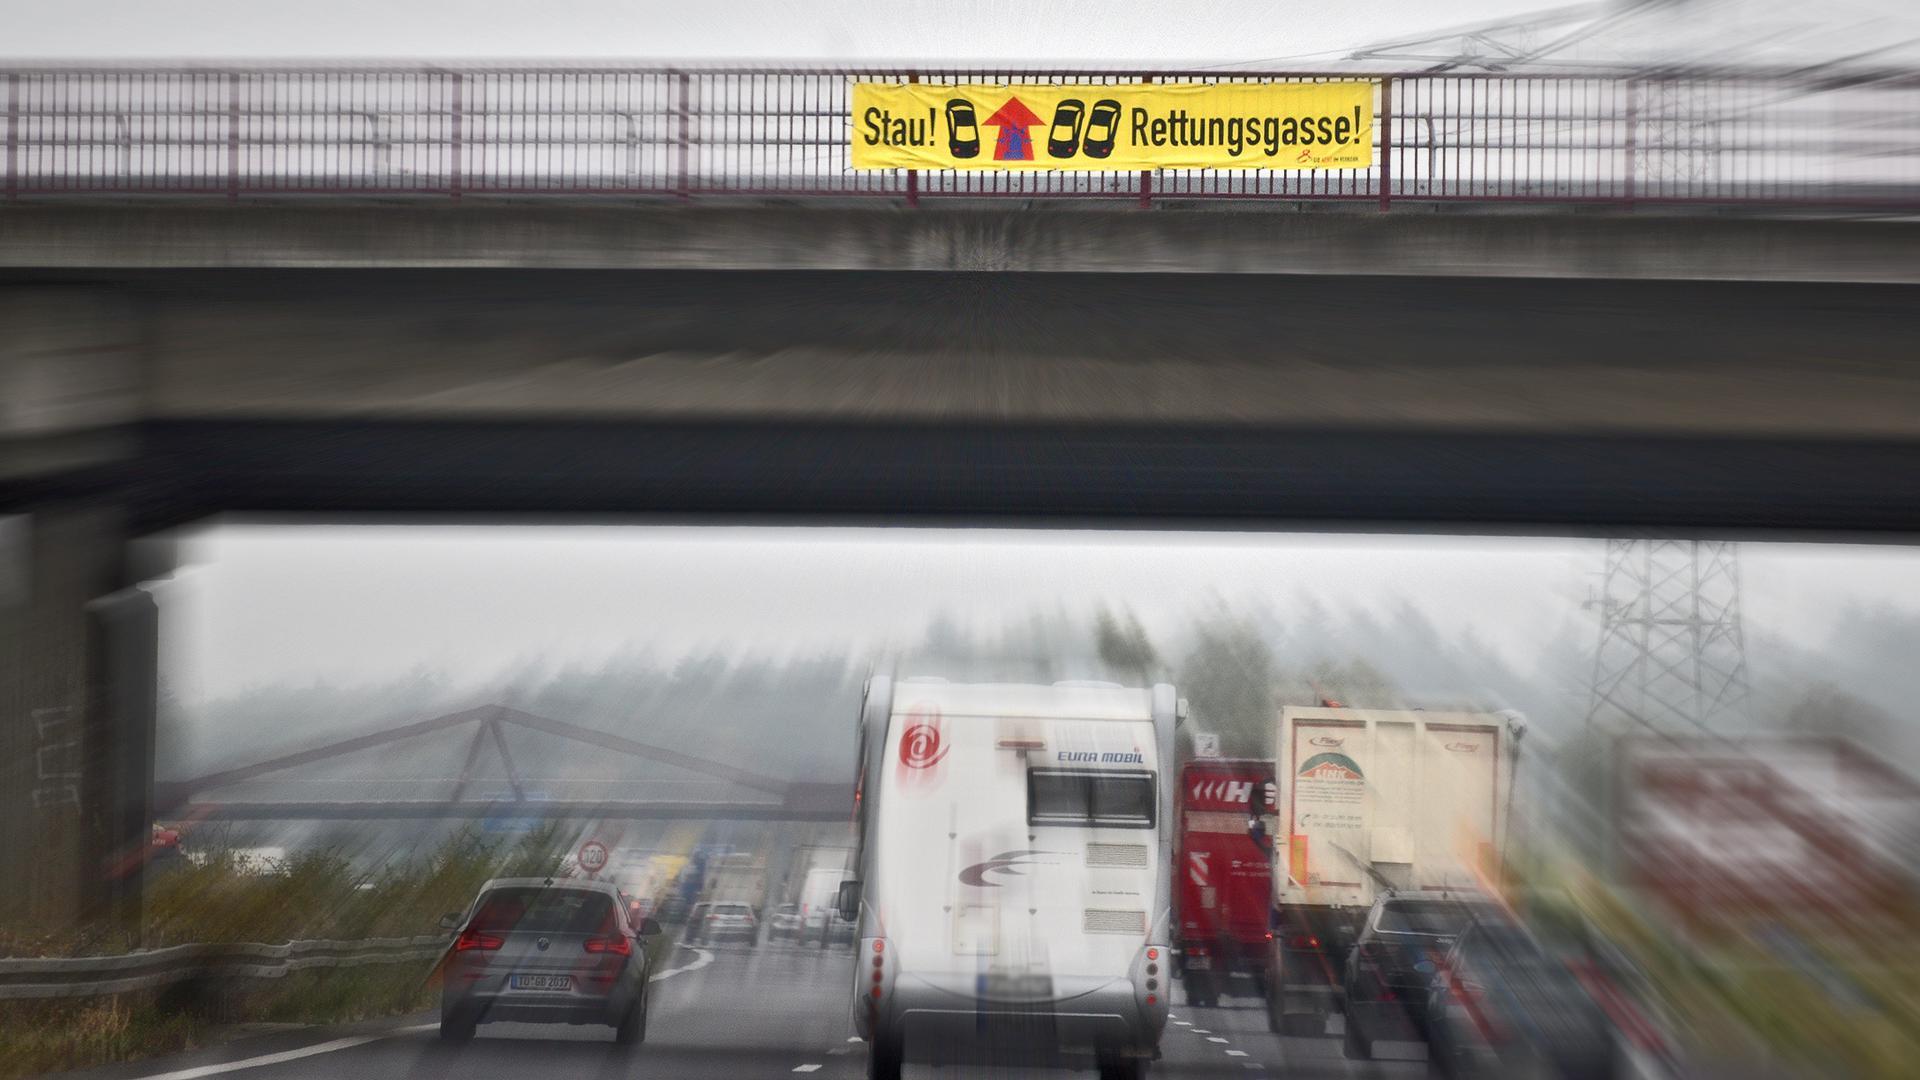 Ein Banner am Geländer einer Autobahnbrücke beschreibt für darunter hindurch fahrende Fahrzeuge die Funktionsweise der Rettungsgasse (Symbolbild)